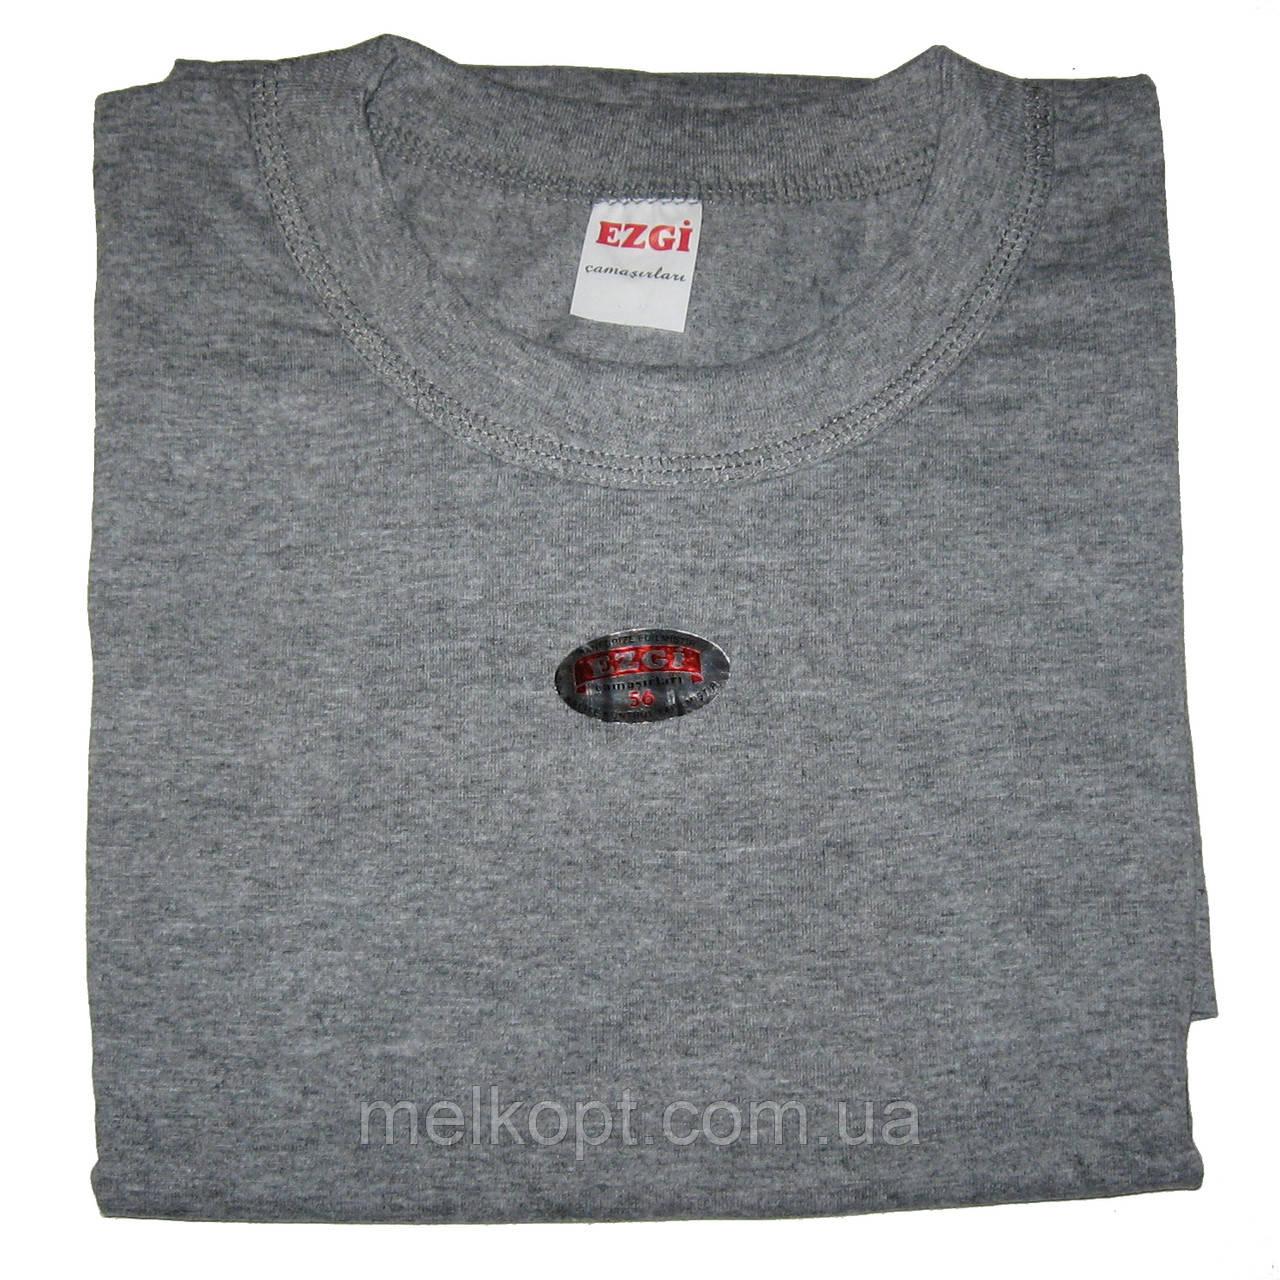 Чоловічі футболки Ezgi - 73,00 грн./шт. (80-й розмір, сірі)